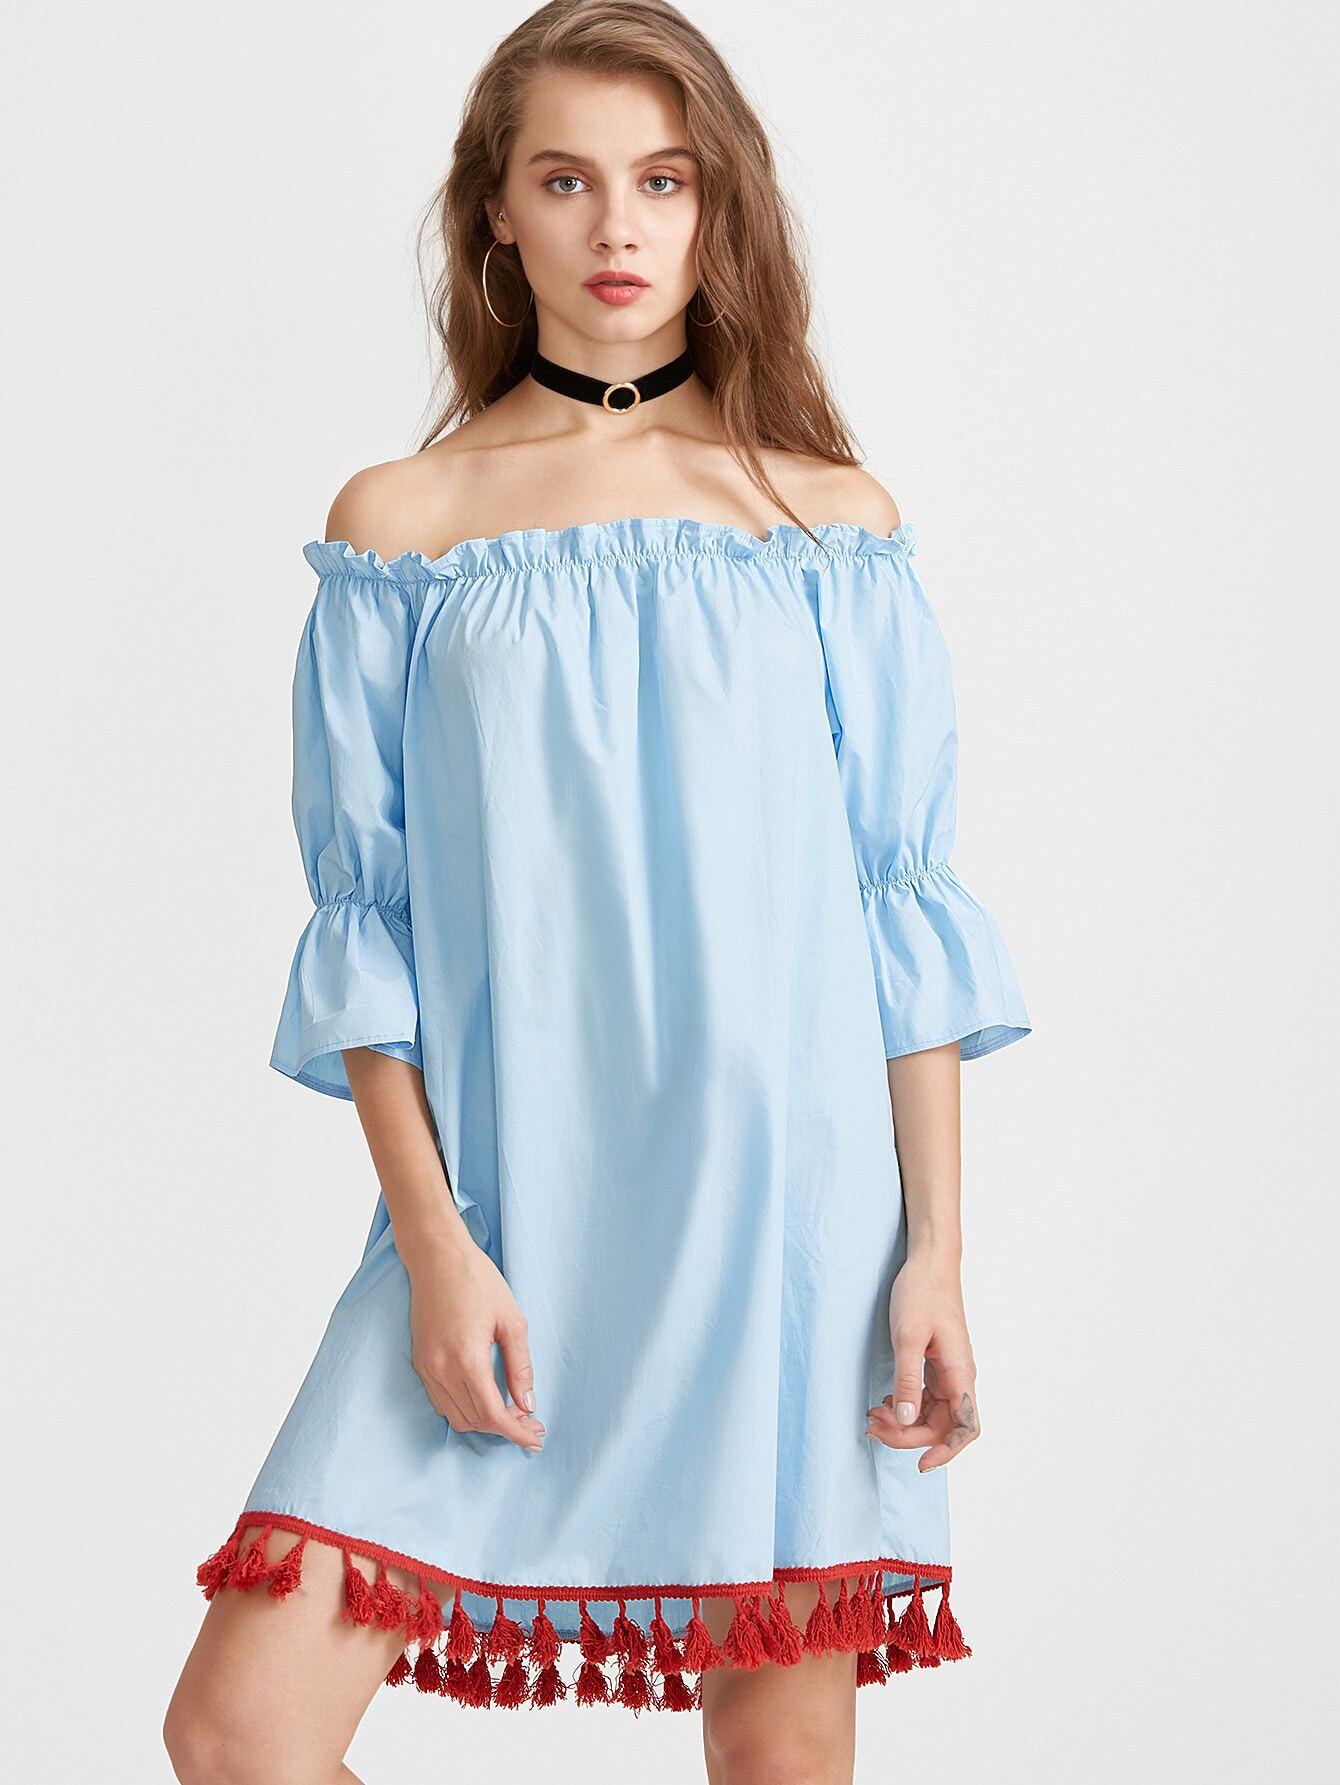 Blue Off The Shoulder Fringe Hem Dress dress170227101